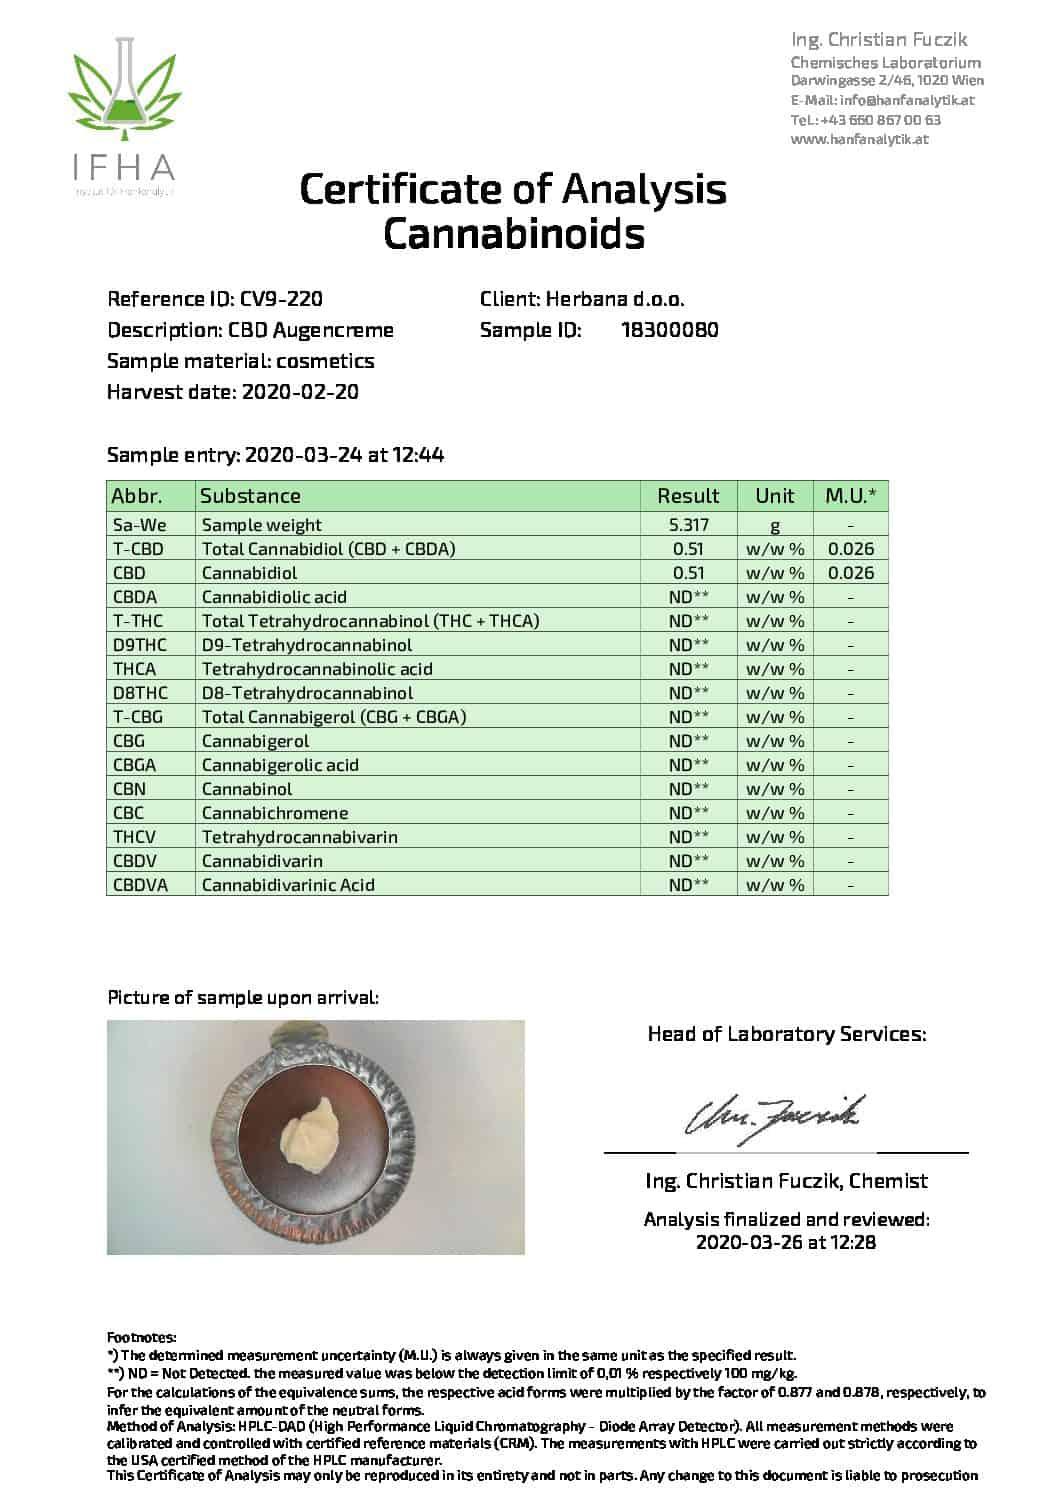 cbd магазин - premium analysenzertifikat augencreme 03 2020 pdf